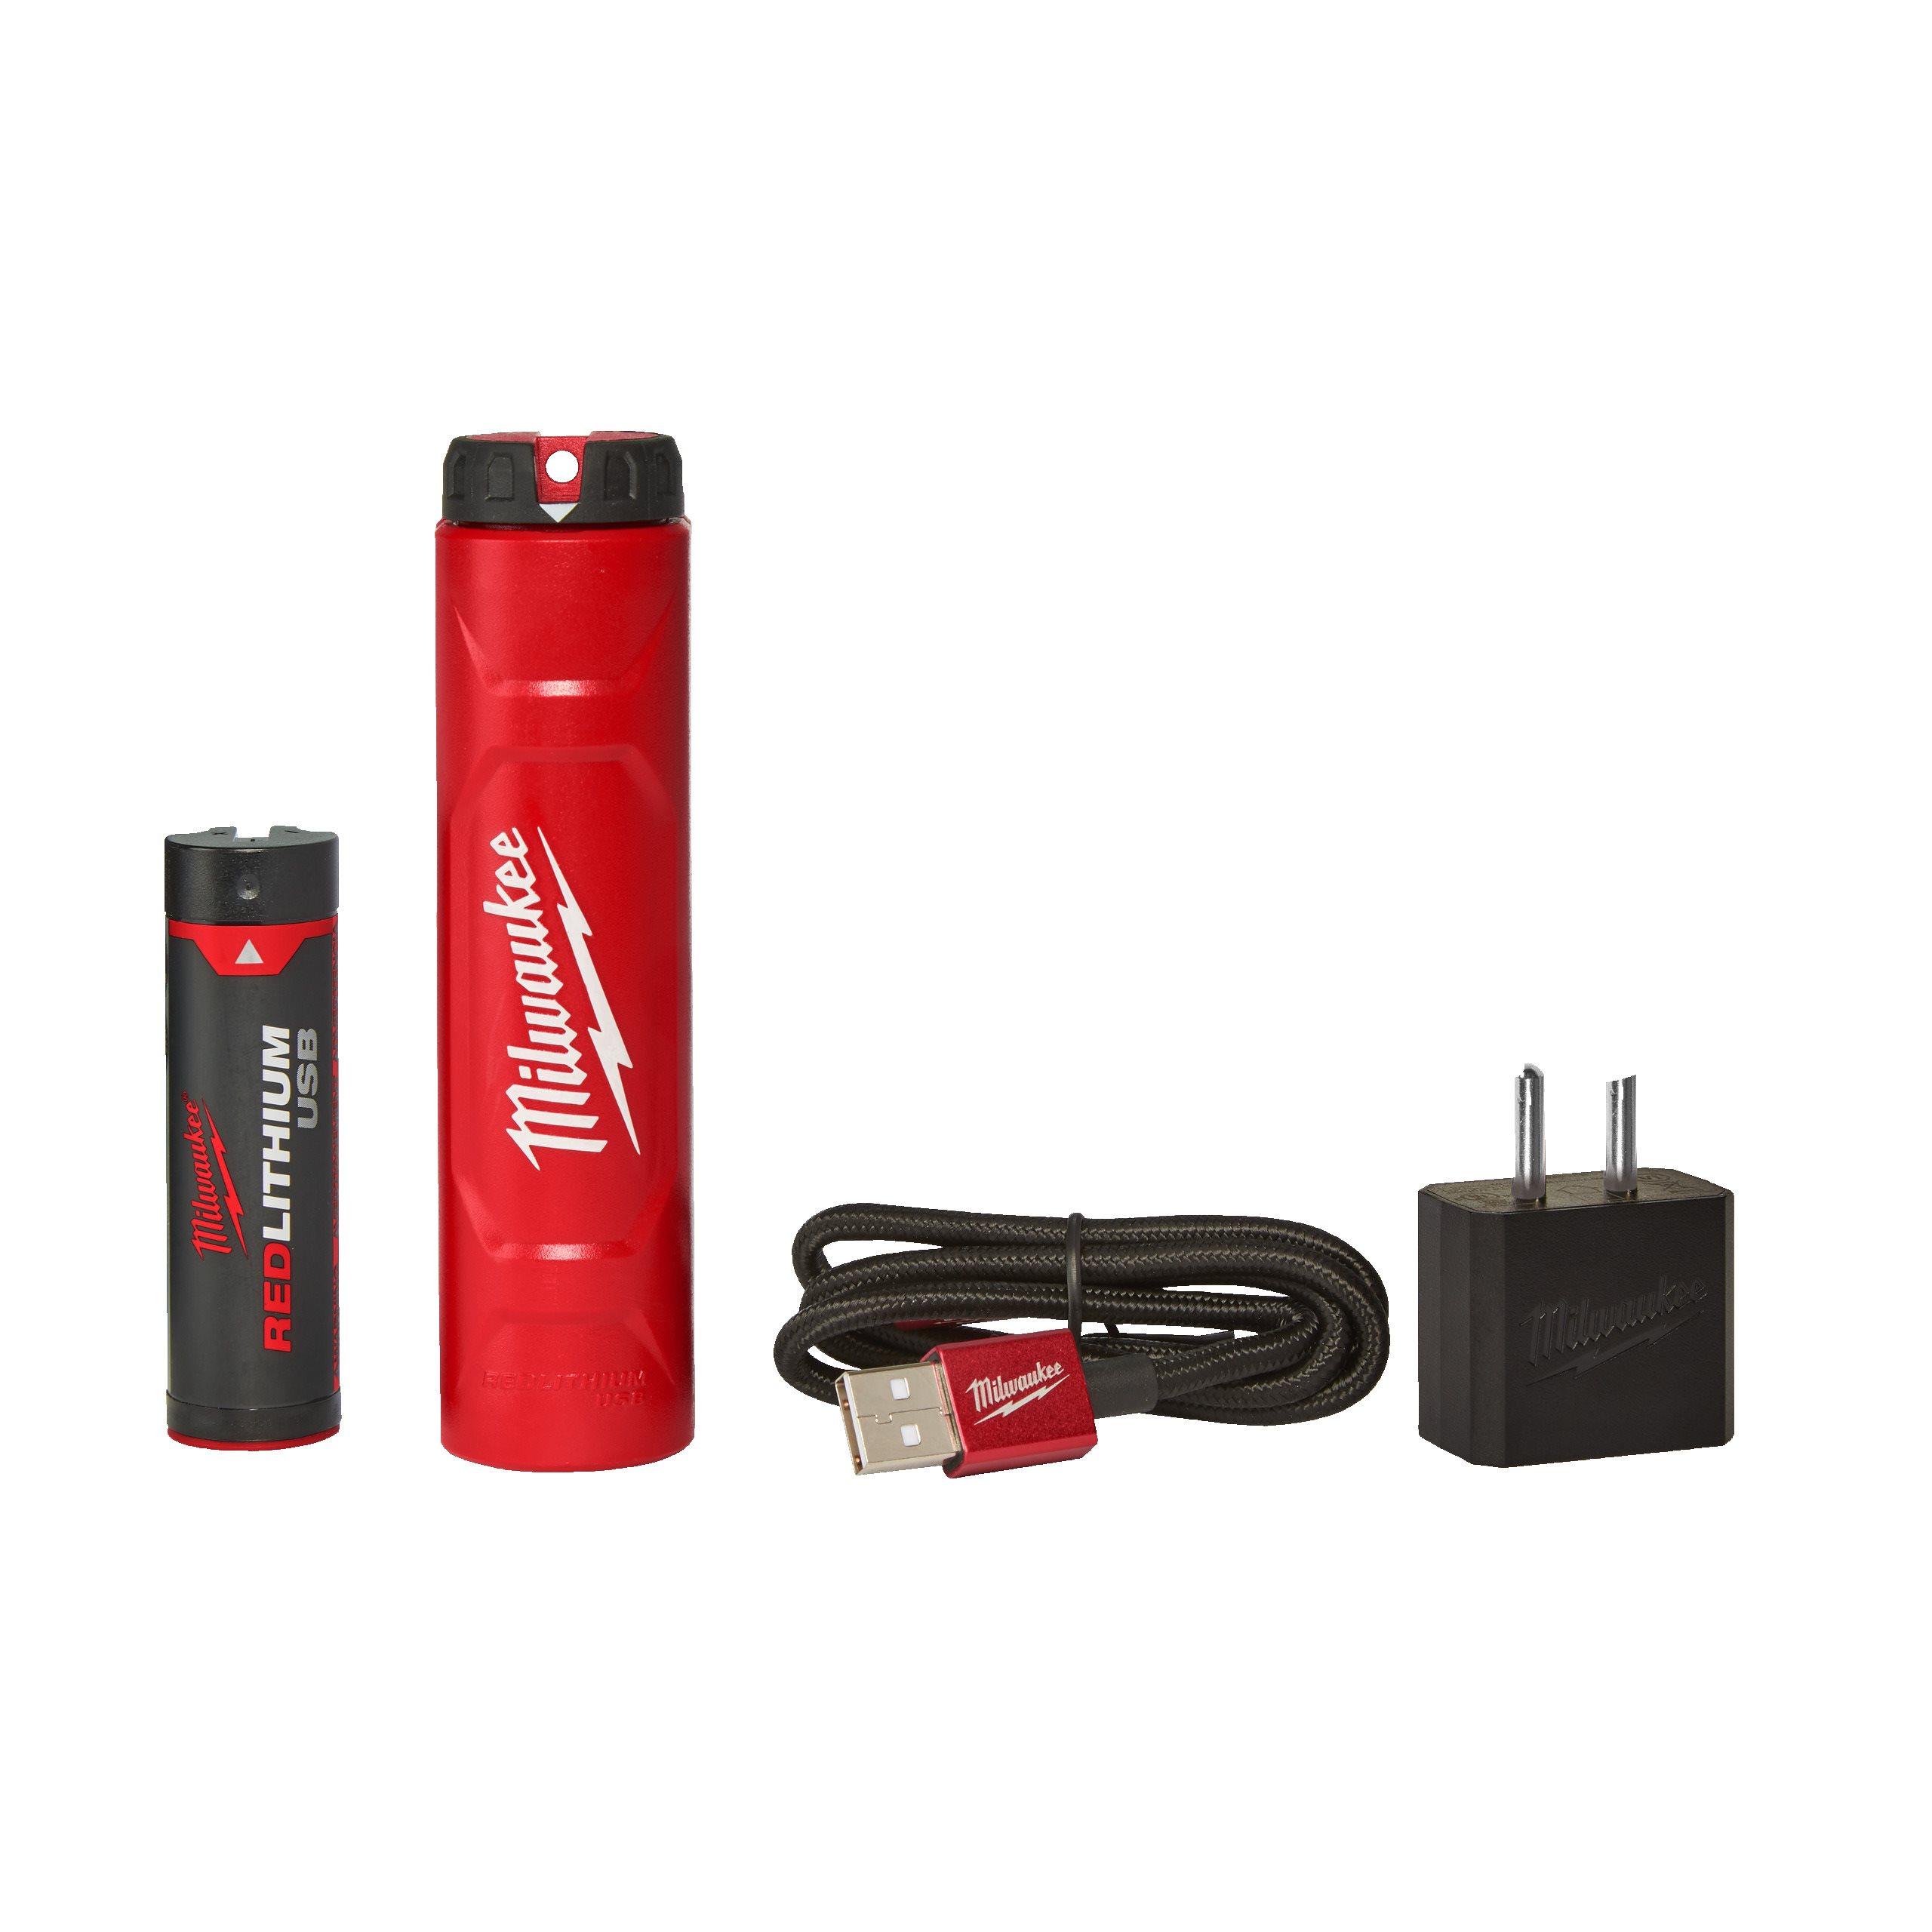 REDLITHIUM???USB batteri och laddare | L4 NRG 201 | Milwaukee